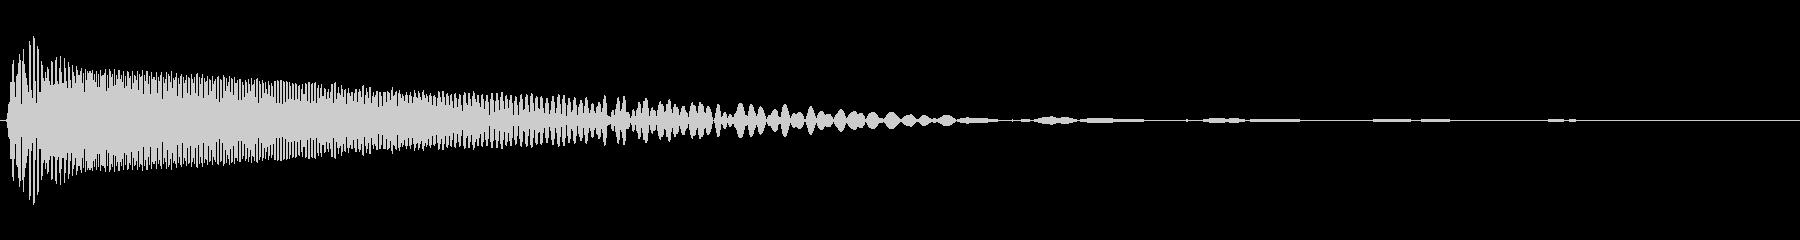 ぴゅんっの未再生の波形